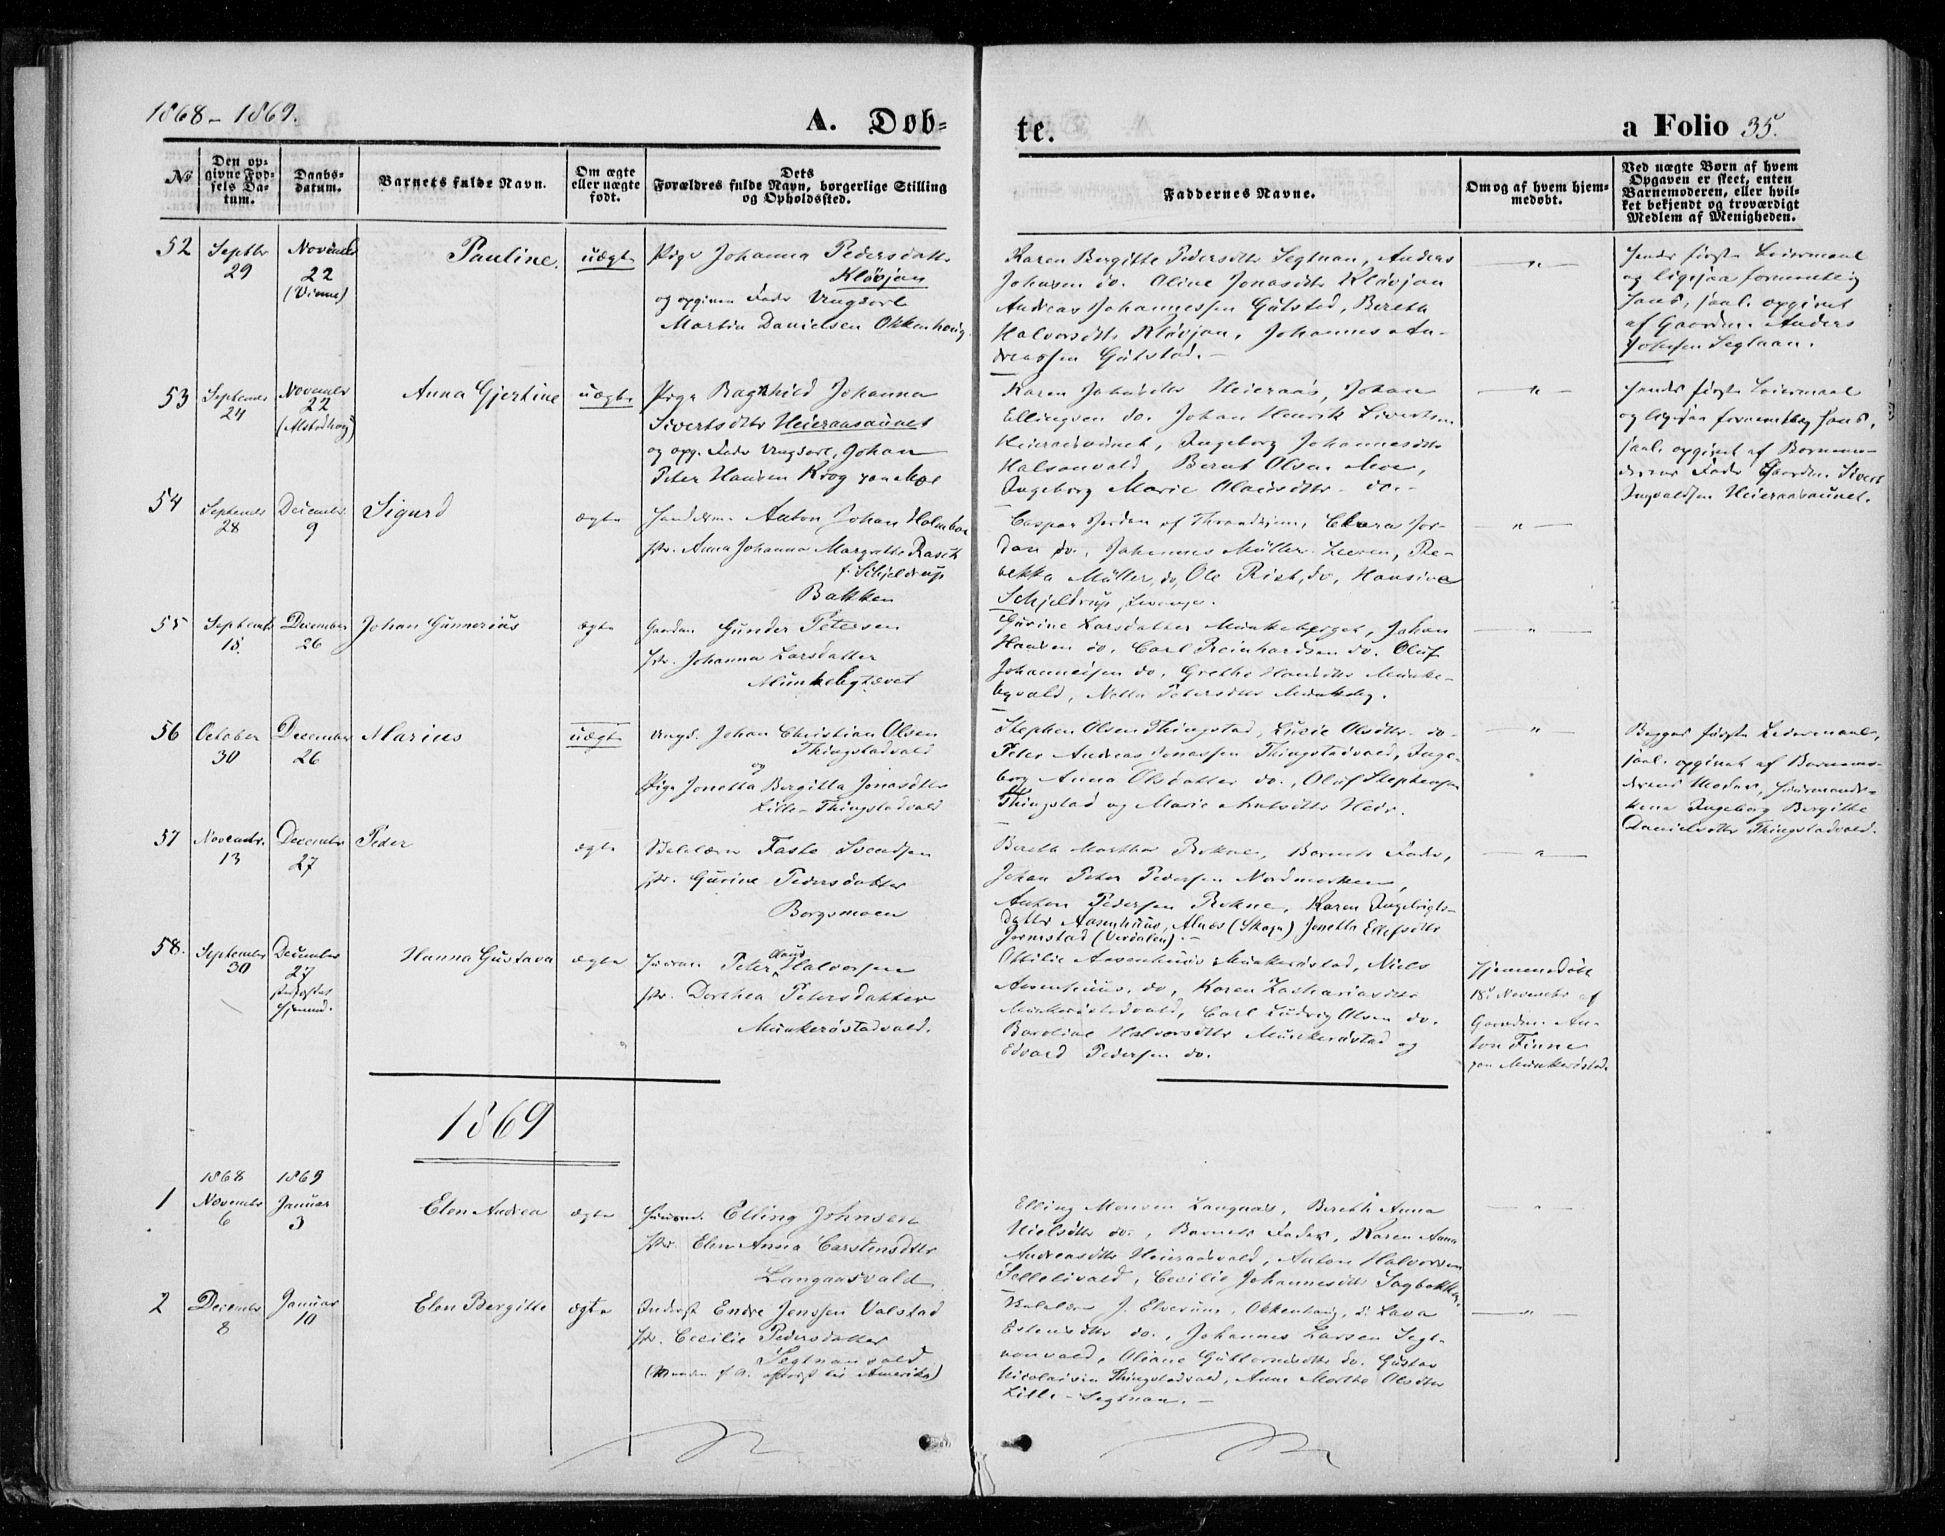 SAT, Ministerialprotokoller, klokkerbøker og fødselsregistre - Nord-Trøndelag, 721/L0206: Ministerialbok nr. 721A01, 1864-1874, s. 35